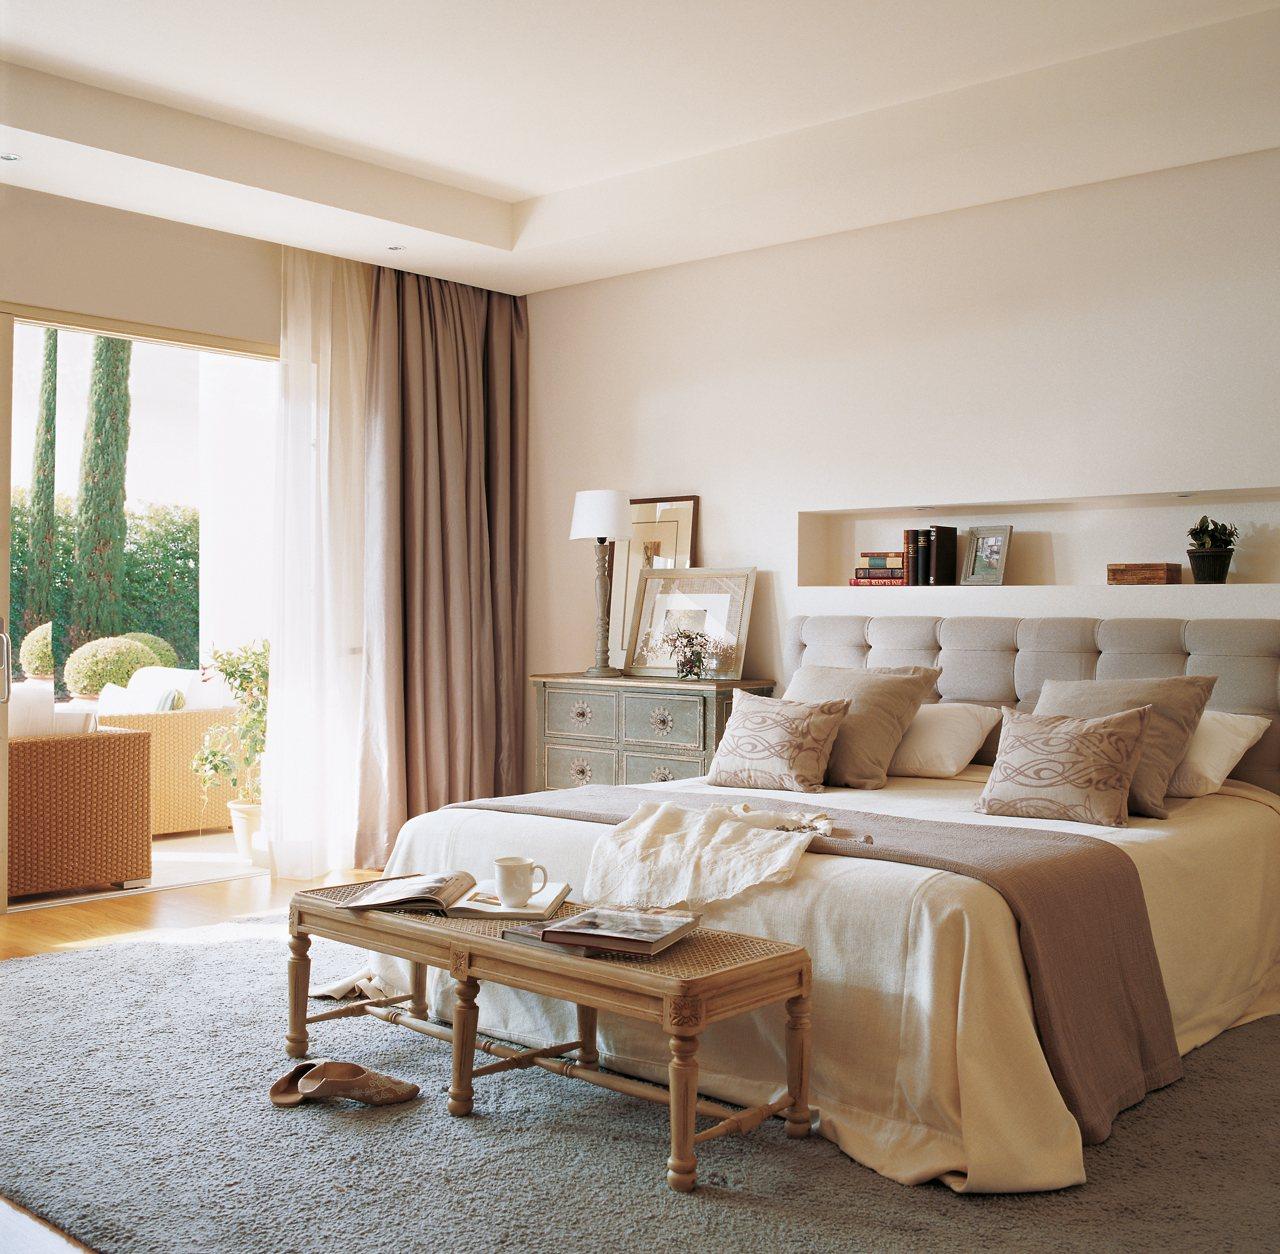 M s espacio para guardar en el dormitorio for Cuanto es un cuarto